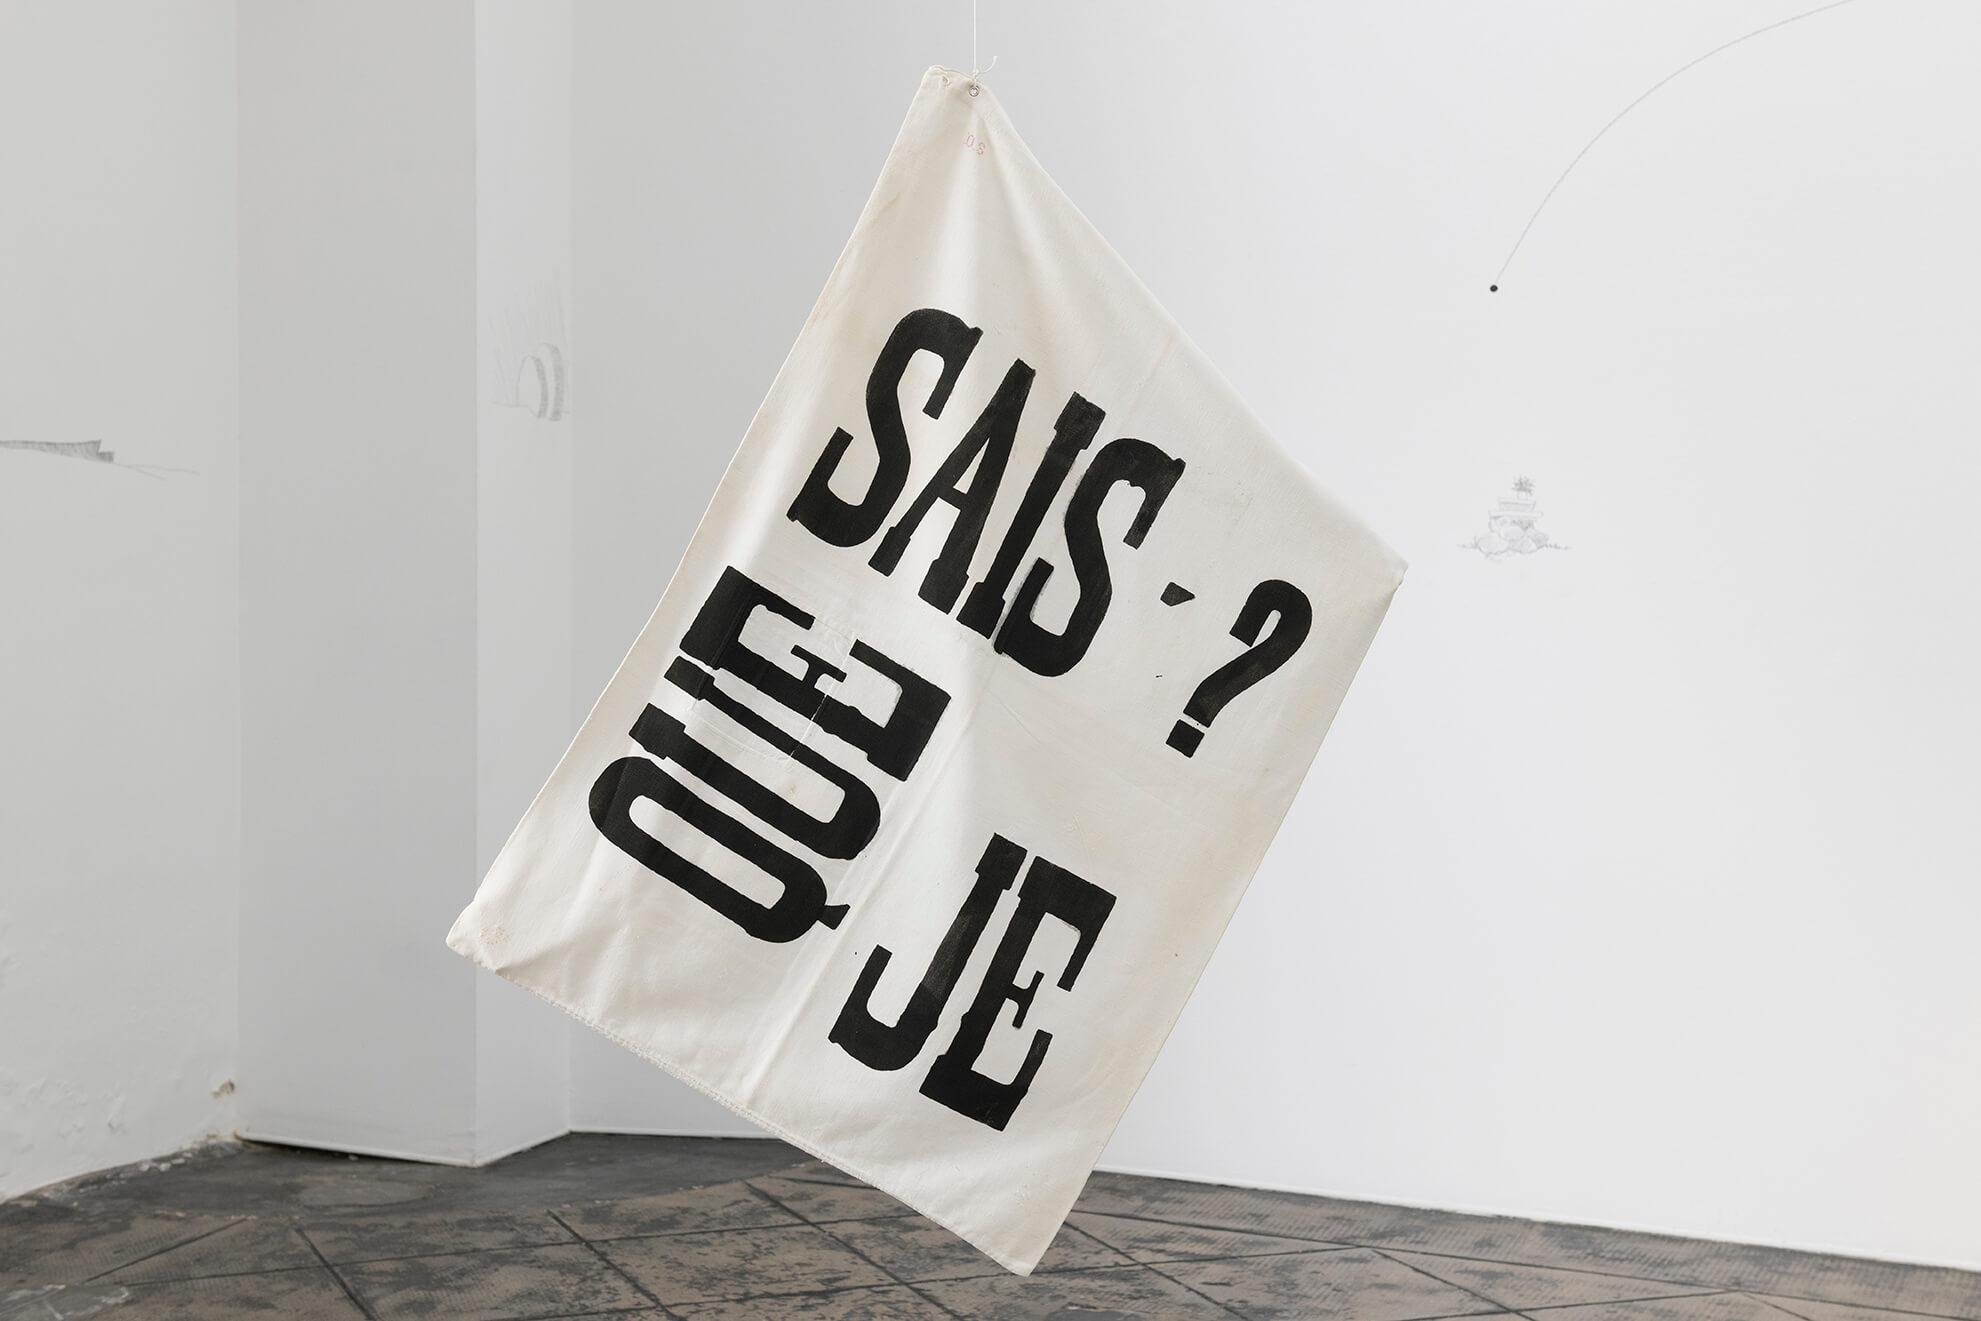 Que Sais-Je?, 2011 | Untitled | ProjecteSD